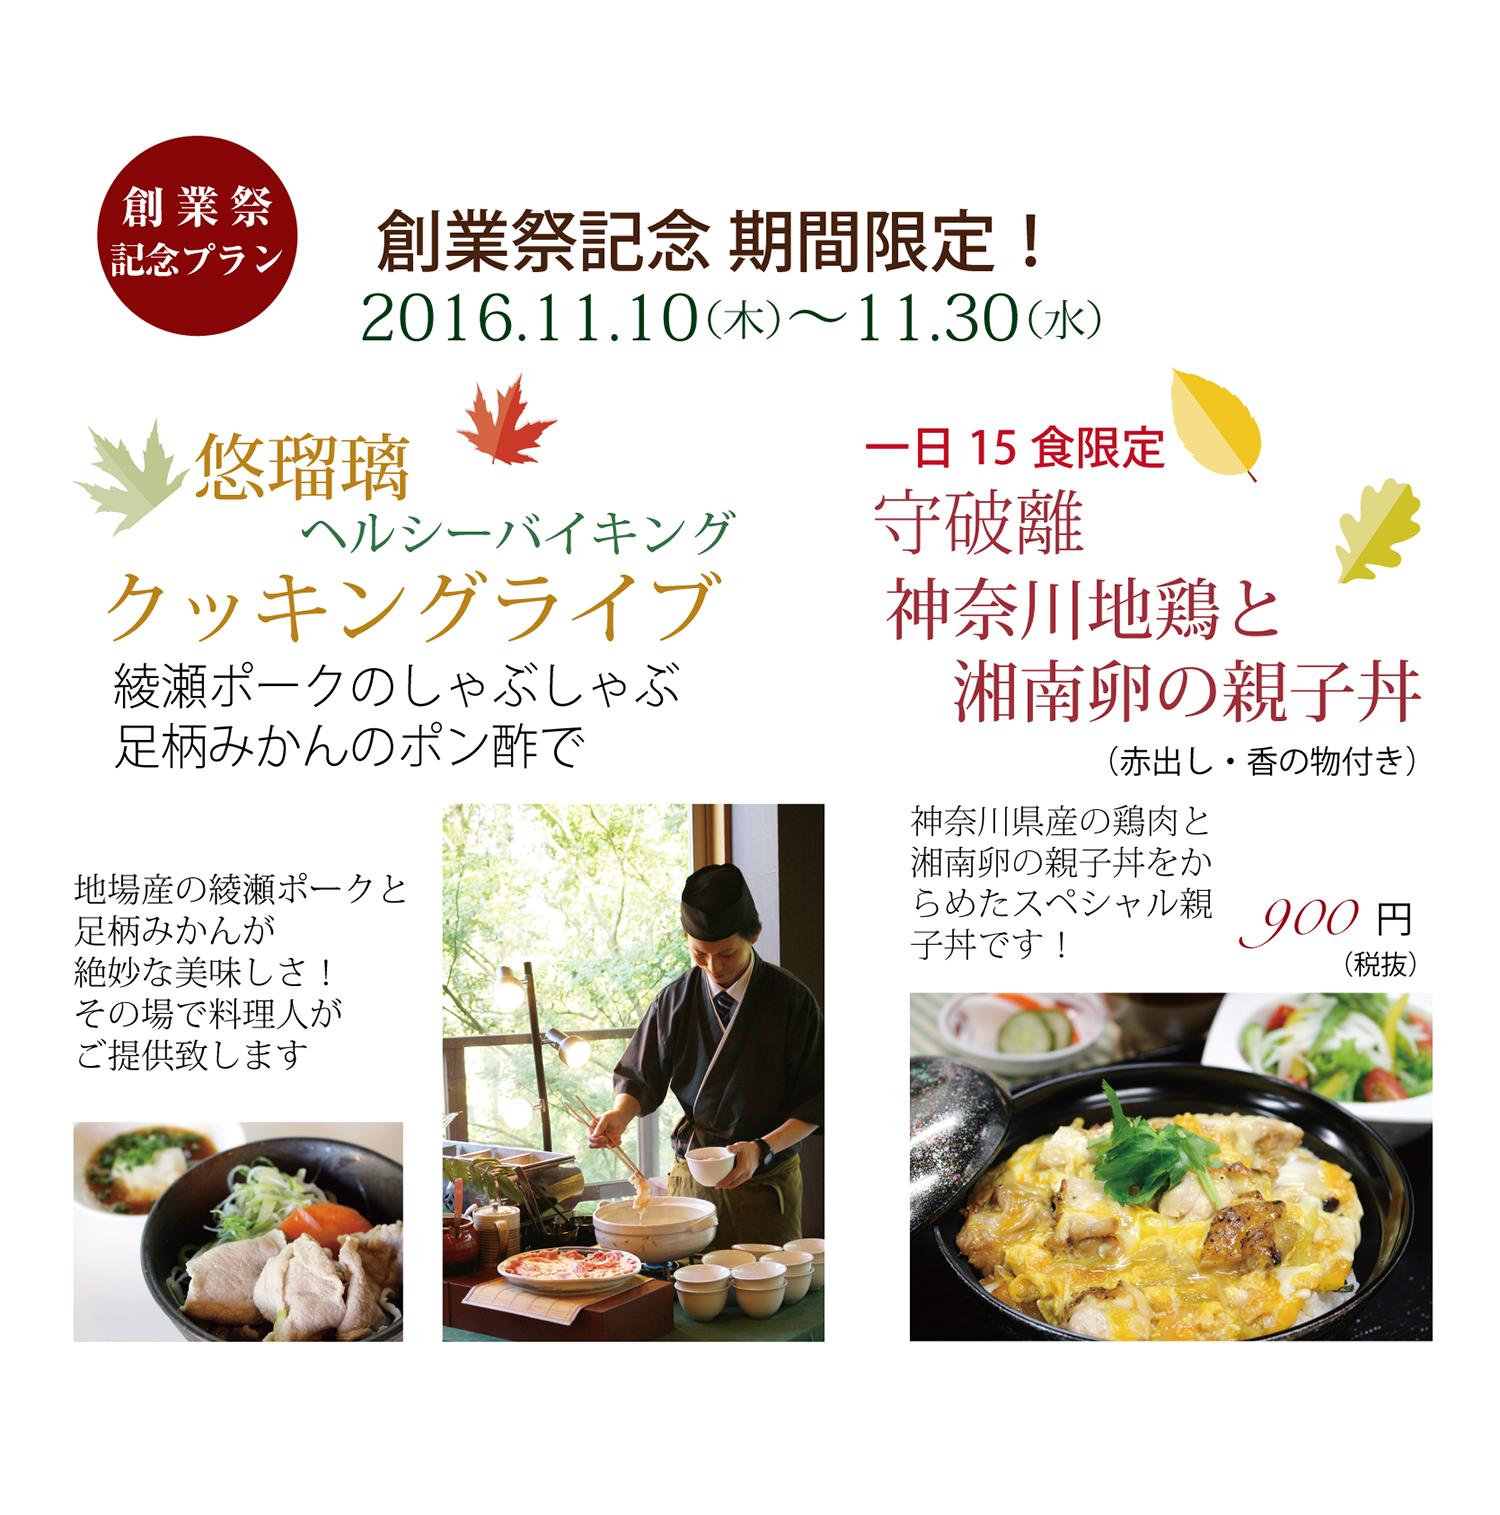 11月創業祭のレストラン&カフェ特別メニュー